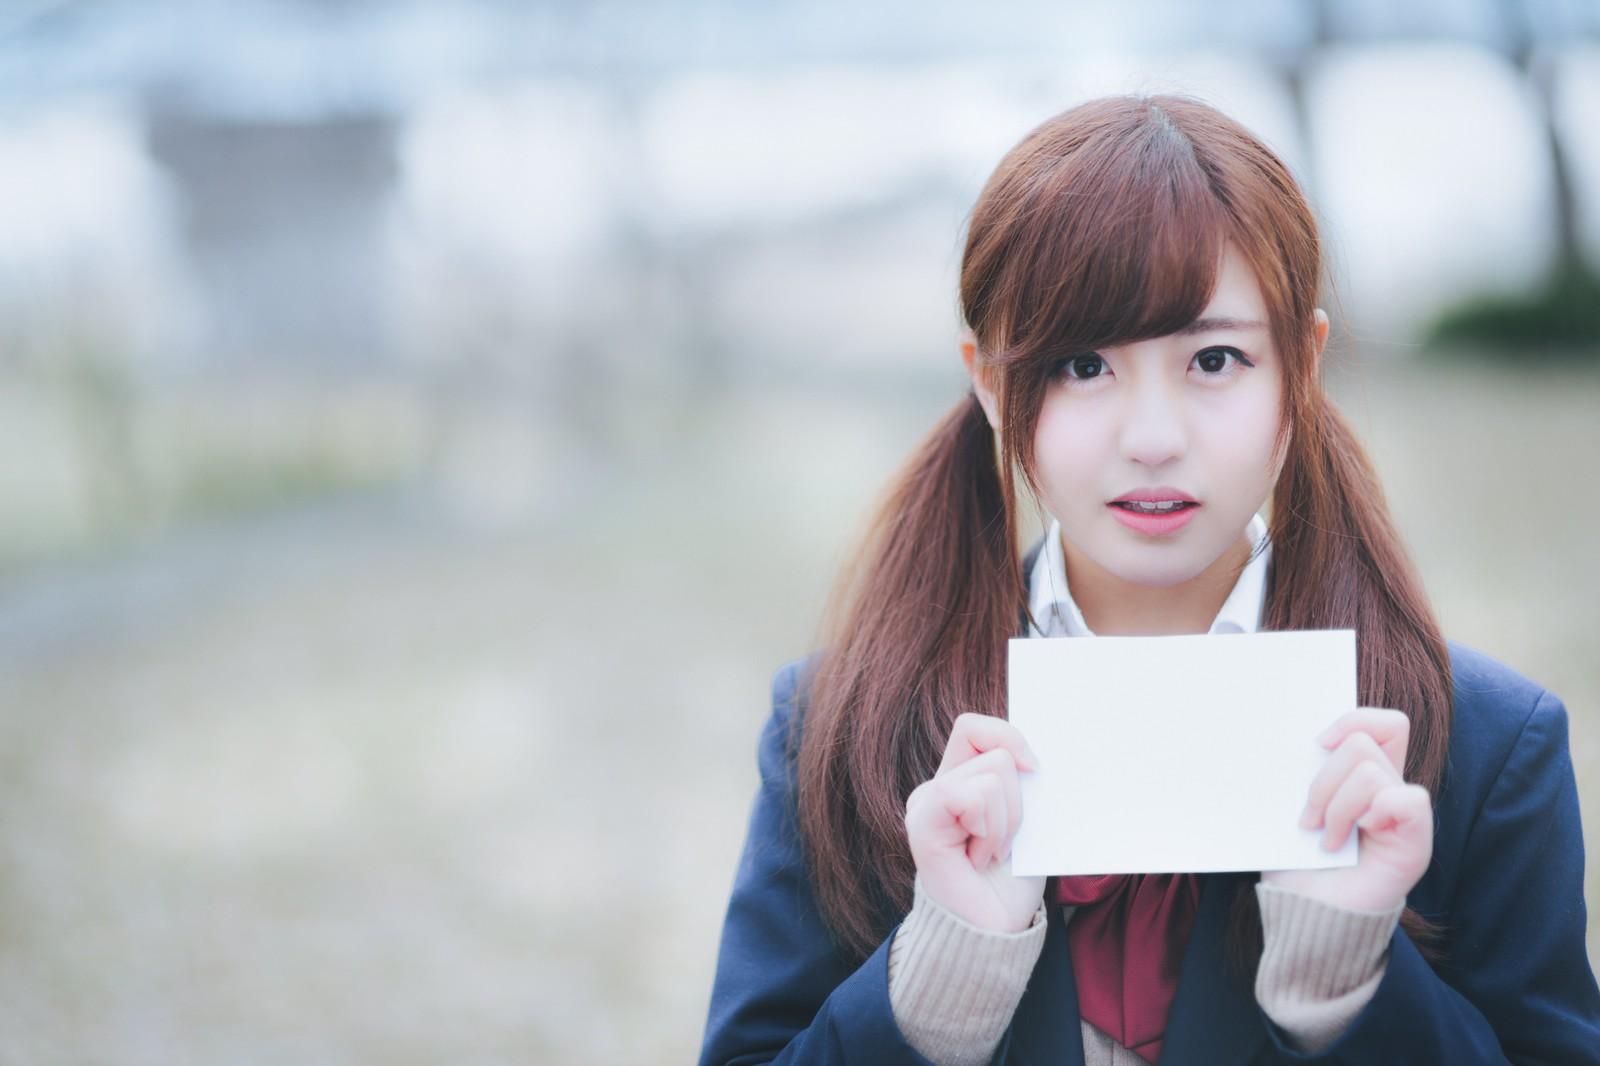 y,kawamura 09.23